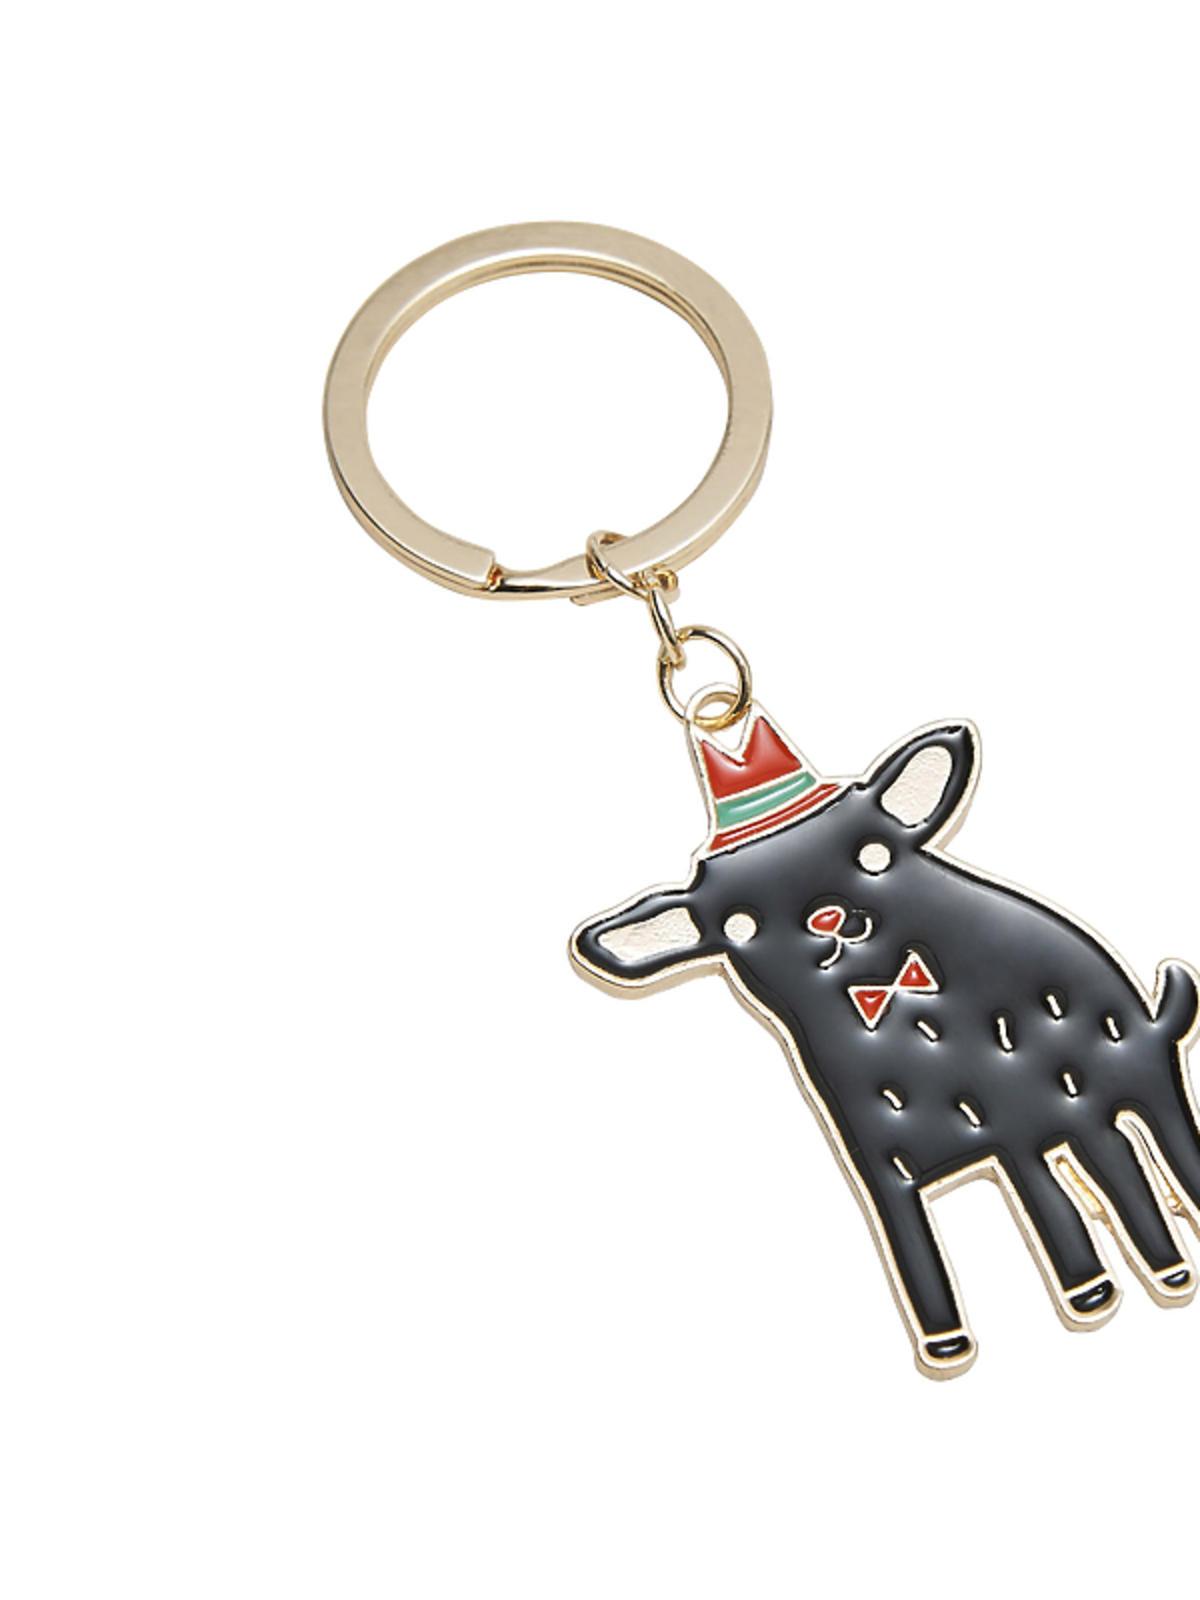 Brelok do torebki/kluczy pies, Cropp, cena: 14,99 zł